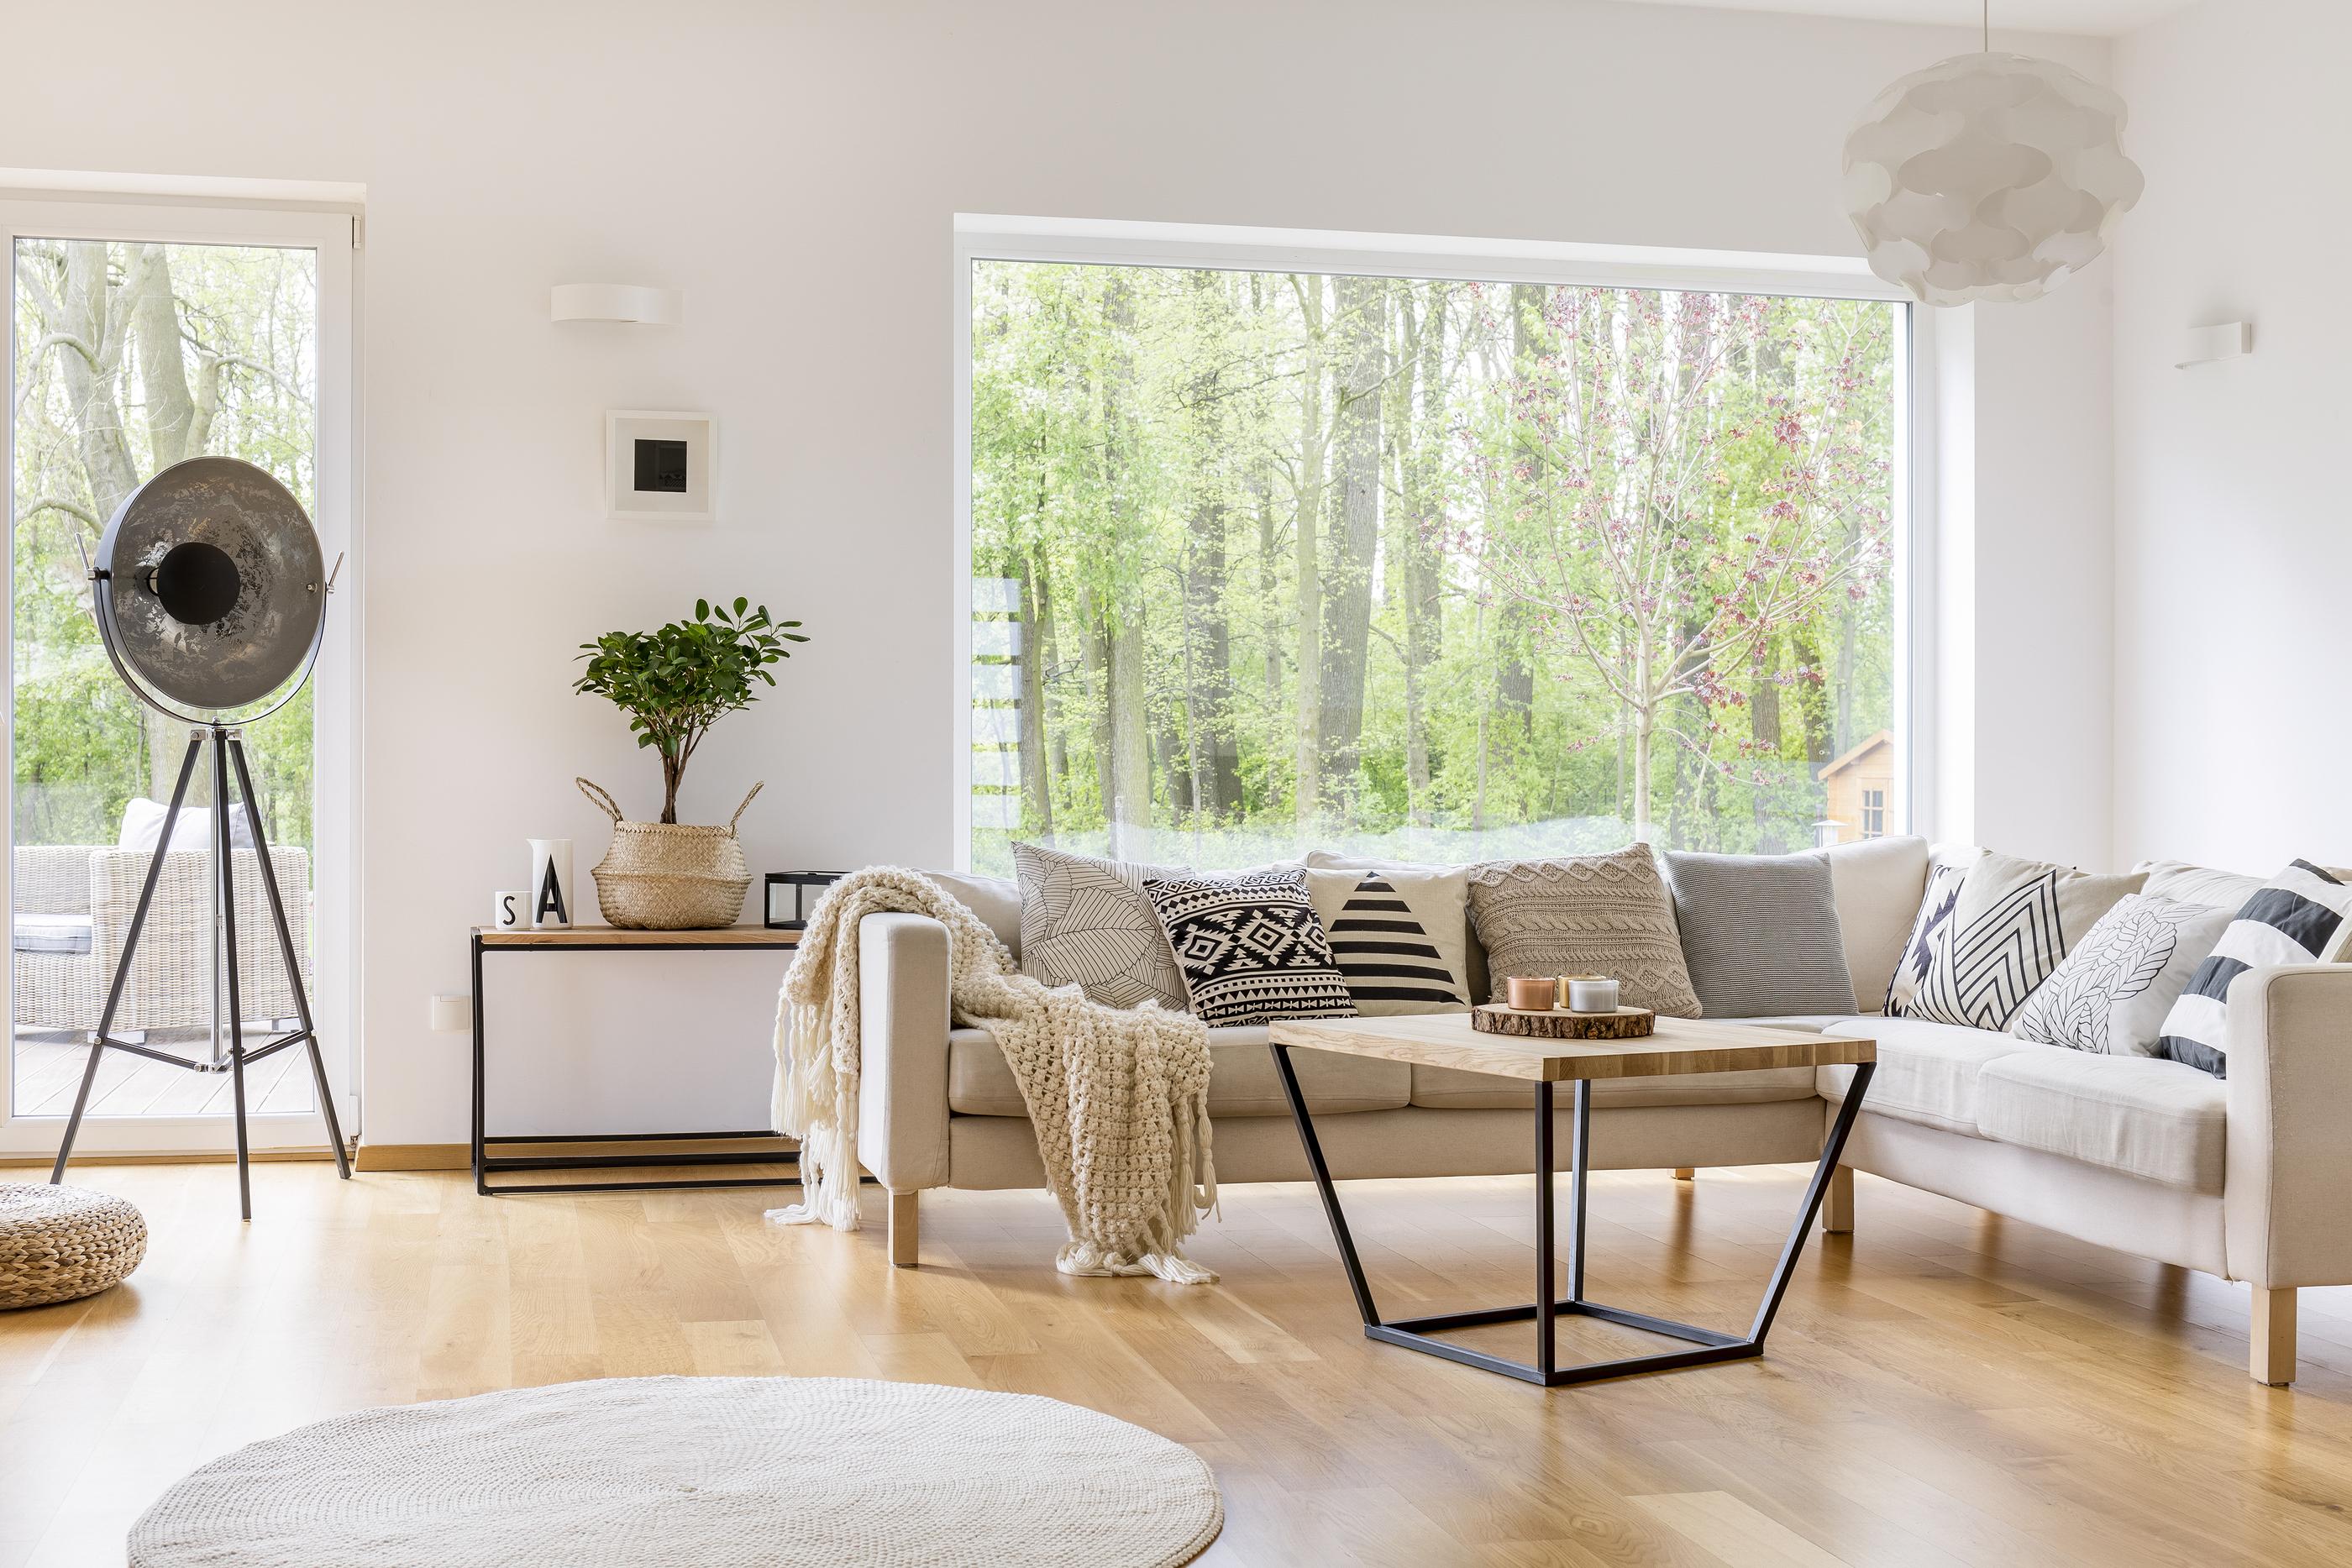 Podłoga Dla Alergika Co Wybrać Dywany Płytki Czy Drewno